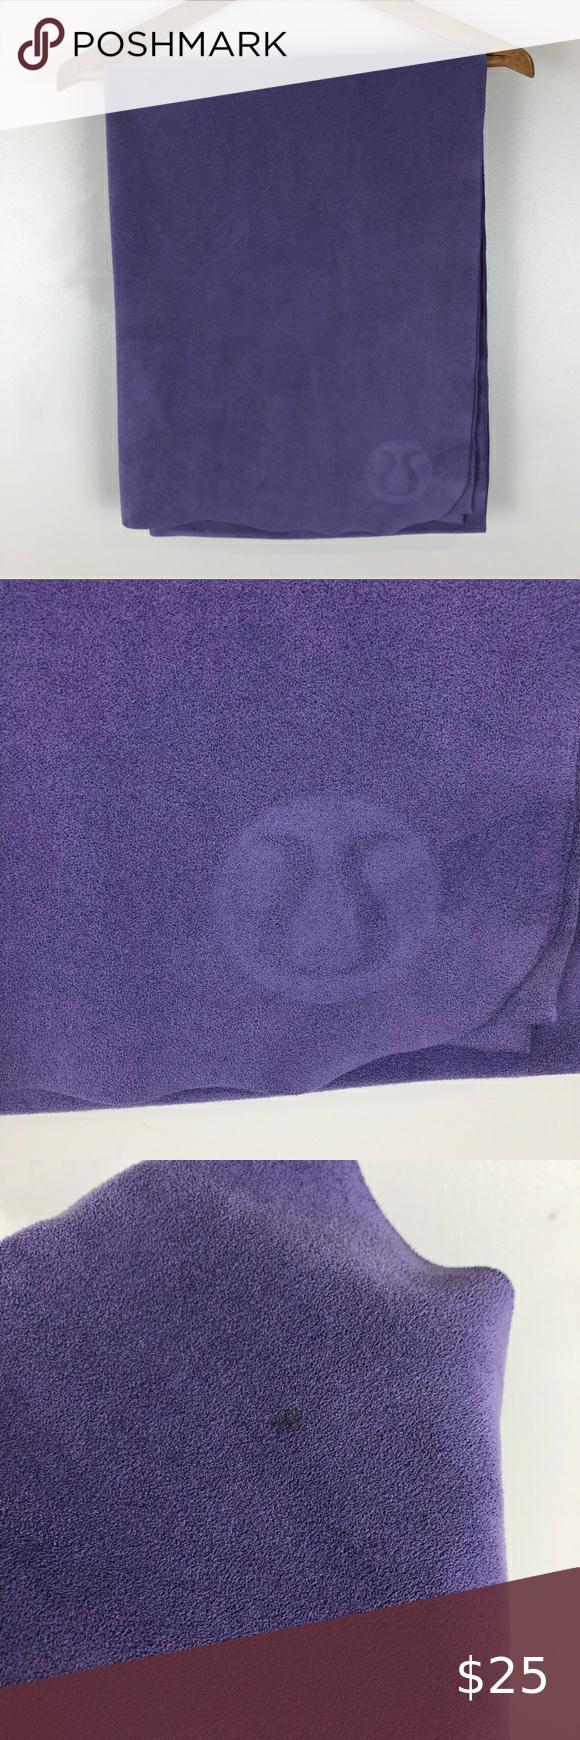 Lululemon The Towel Hot Yoga Purple Microfiber In 2020 Hot Yoga Hot Yoga Towel Yoga Towel